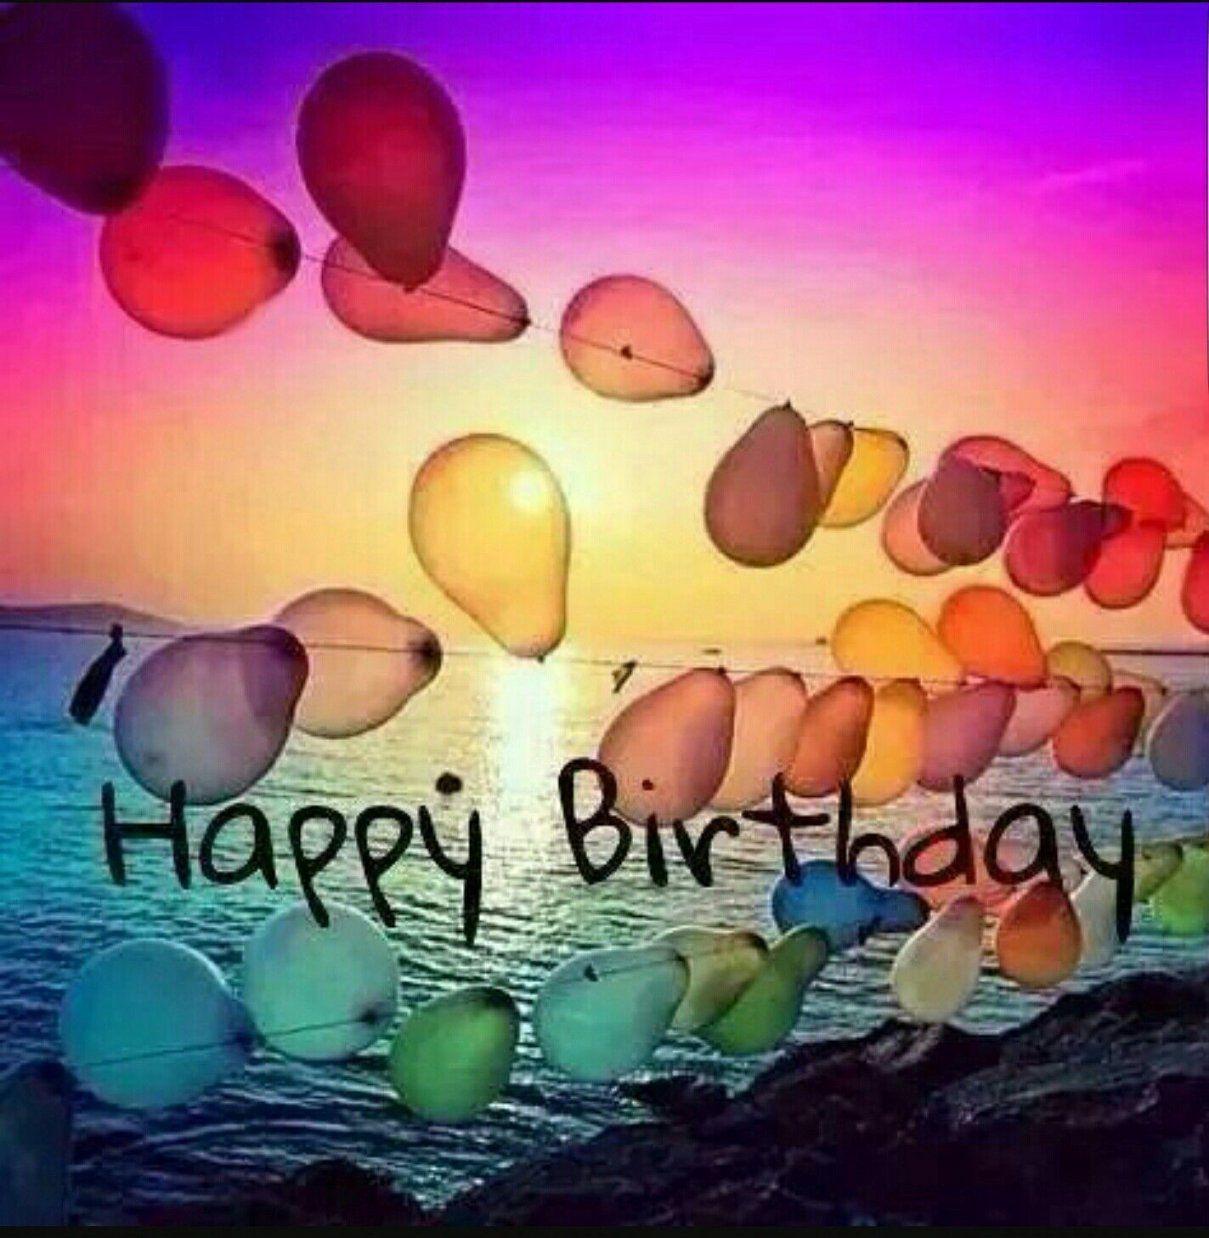 Geburtstagswünsche Spanisch Bild 26 Wonderful Bild Über von Alles Gute Zum Geburtstag Auf Spanisch Bild